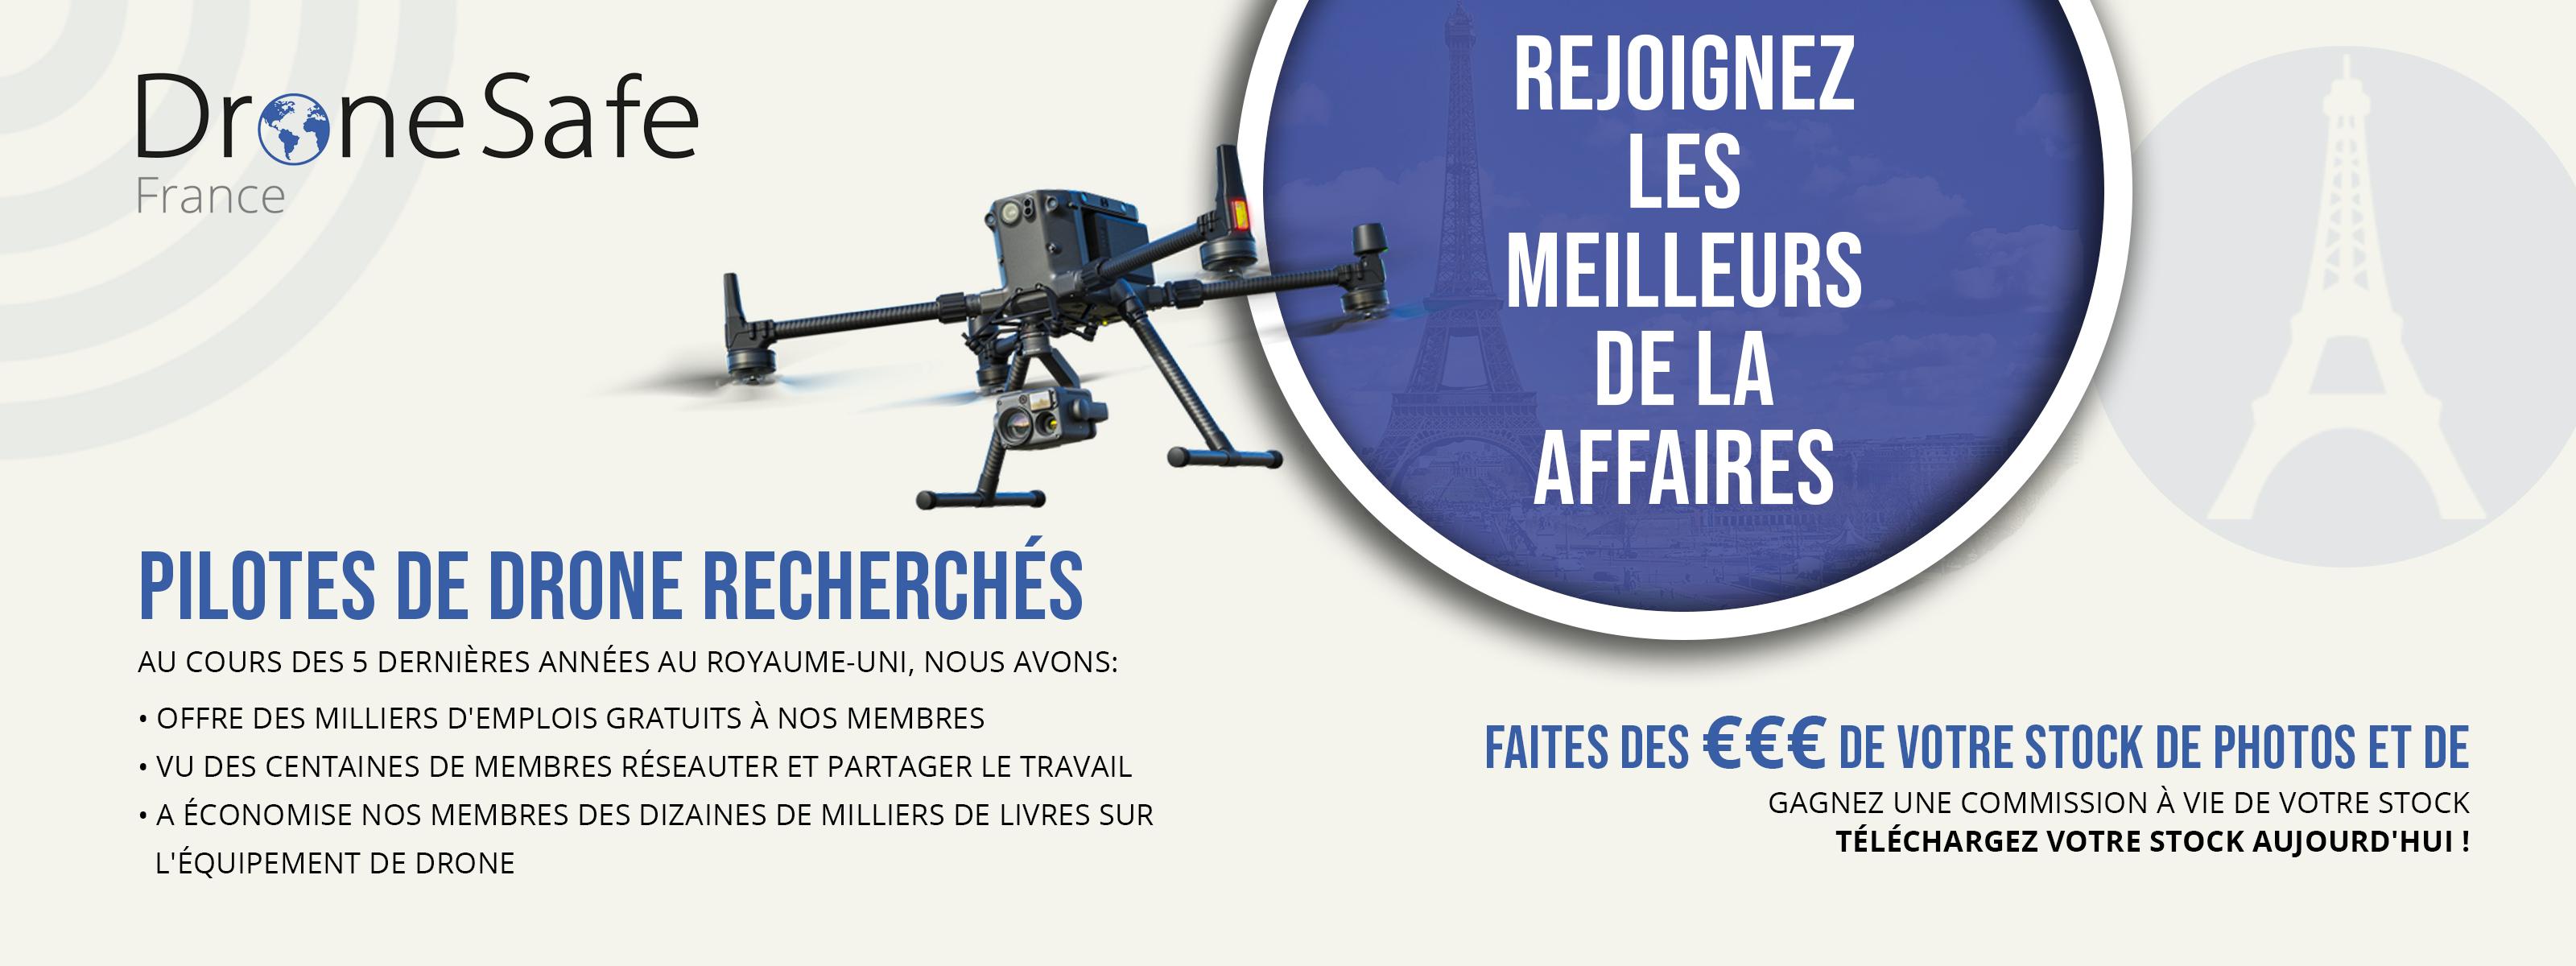 Adhésion à un opérateur de drone commercial